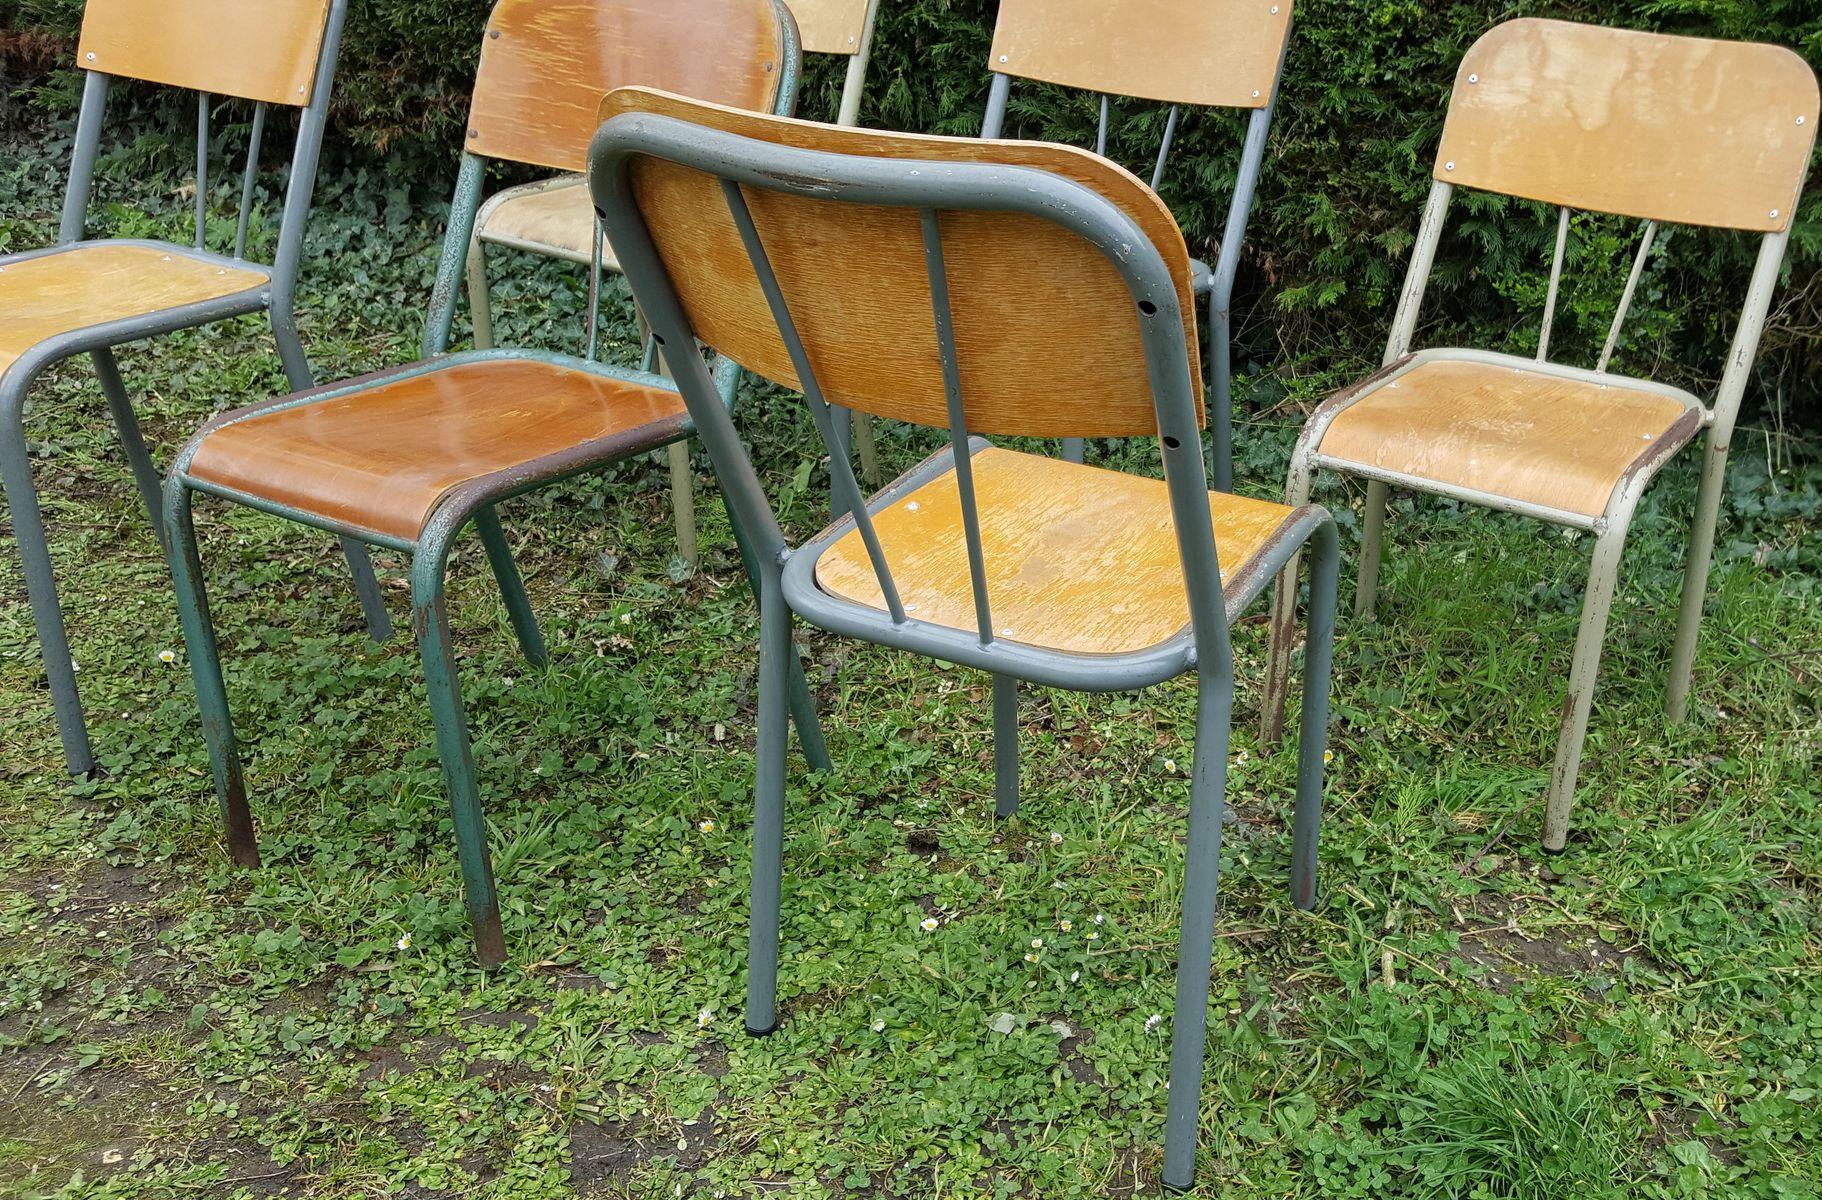 chaises d 39 cole vintage en bois et m tal set de 6 en vente sur pamono. Black Bedroom Furniture Sets. Home Design Ideas